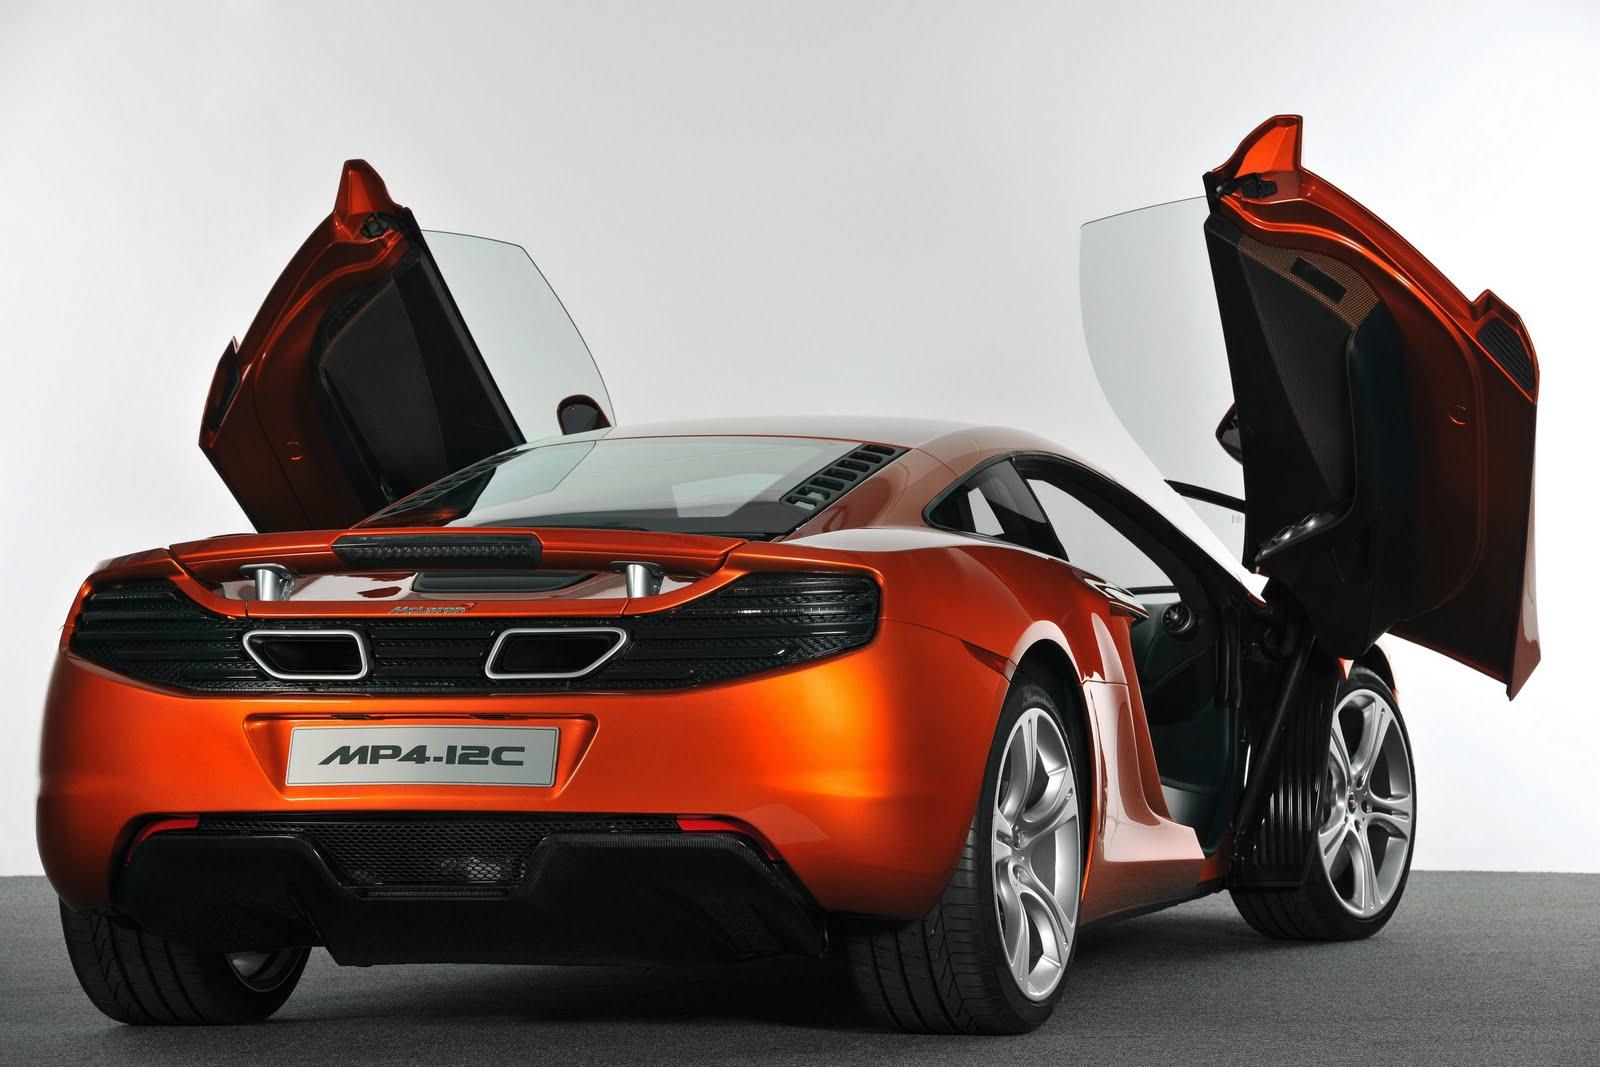 http://4.bp.blogspot.com/-pk0C3sl8XUQ/TbJ8OUNzkHI/AAAAAAAABwg/C2mIBRyYKlk/s1600/2011+McLaren+MP4+12C+Sports+Car%252CMcLaren%252CMcLaren%252CMcLaren%252CMcLaren%252CMcLaren%252CMcLaren%252CMcLaren%252CMcLaren%252CSports+Car%252CSports+Car%252CSports+Car%252CSports+Car%252CSports%252CMP4+12C%252CMP4+12C+%25283%2529.jpg